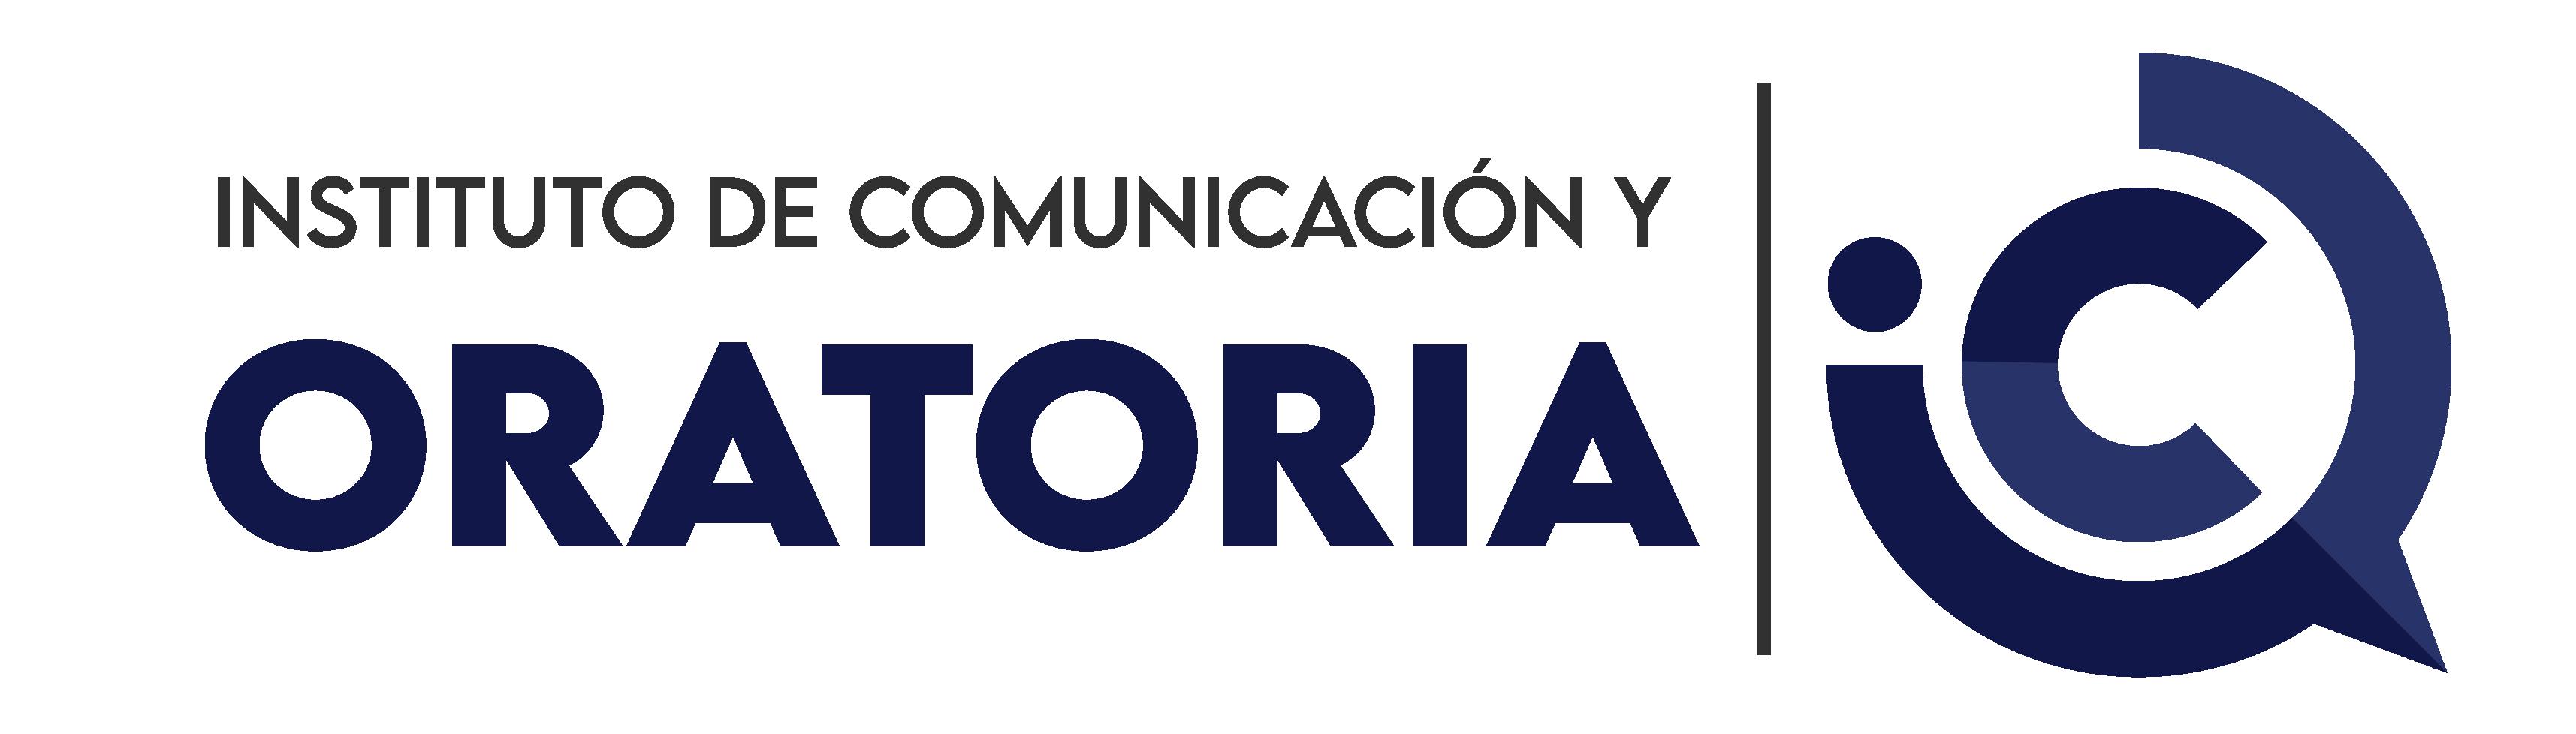 Instituto de Comunicación y Oratoria